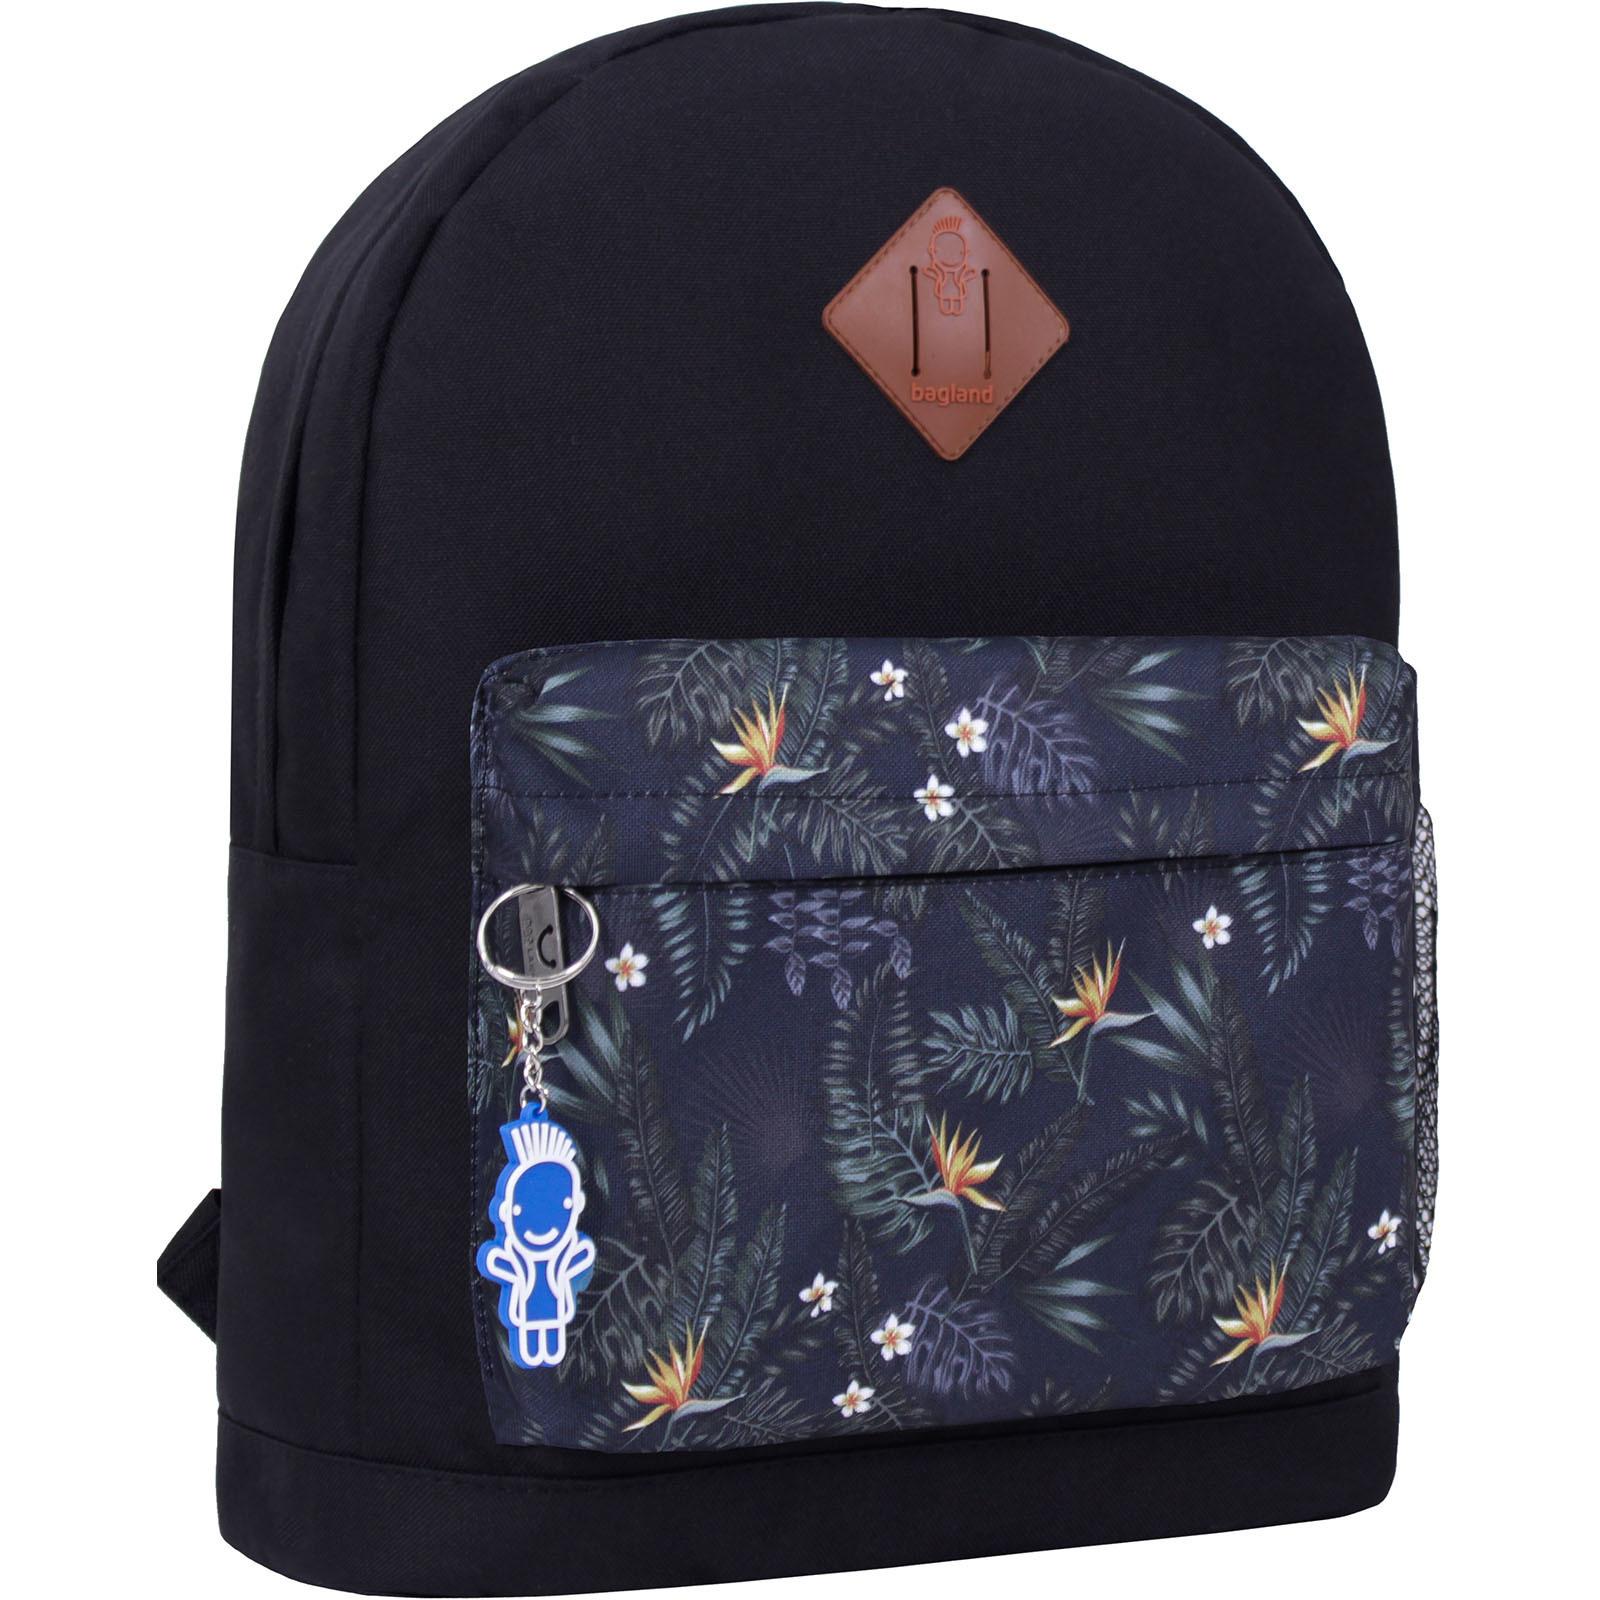 Городские рюкзаки Рюкзак Bagland Молодежный W/R 17 л. черный 460 (00533662) IMG_2333_460_-1600.jpg